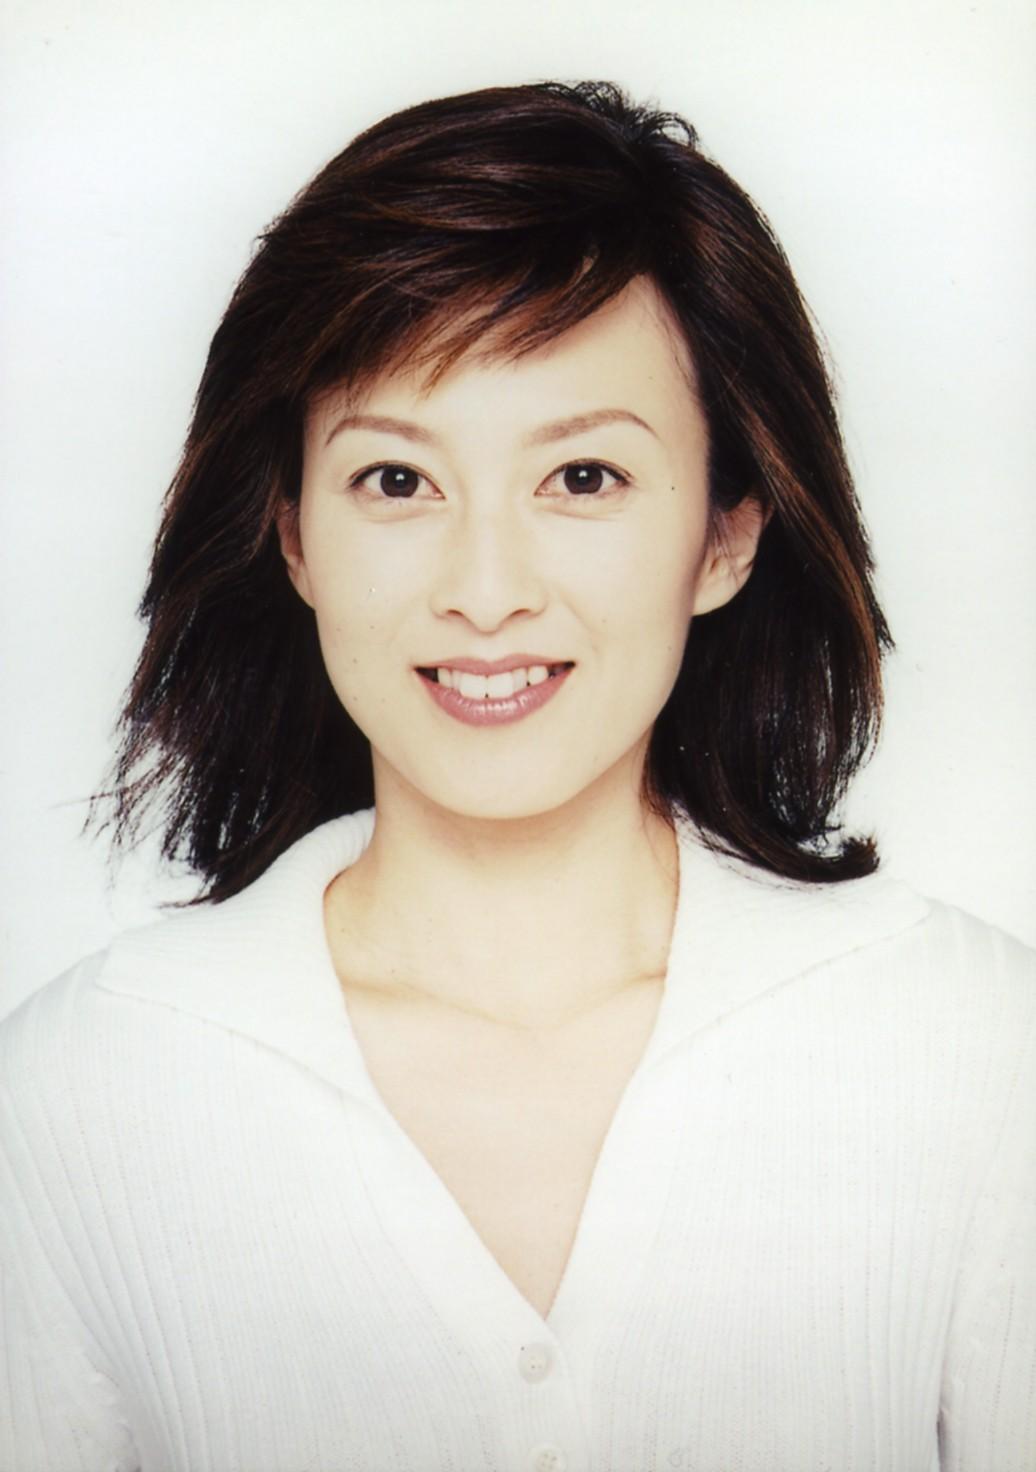 森尾由美はすでに離婚していた!?森尾由美の離婚の噂まとめ!のサムネイル画像